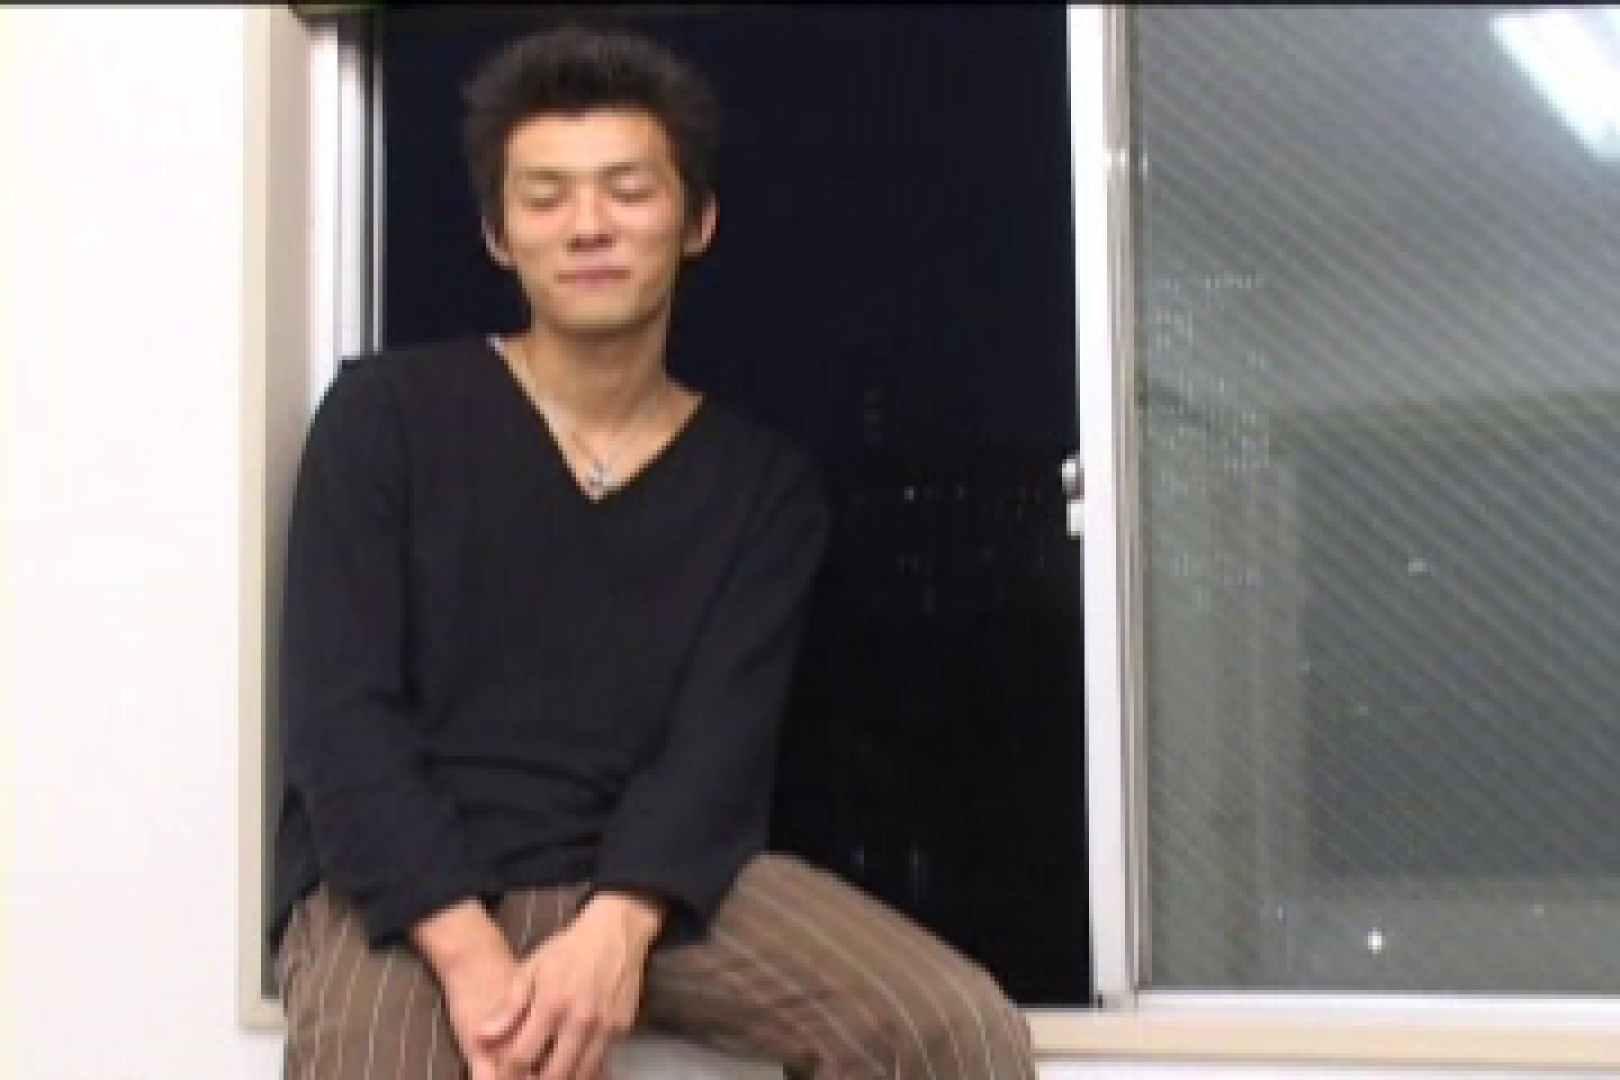 ノンケ君?まさかの初体験!!大学生のPVFile.first day ゲイイメージ ゲイエロ動画 75pic 50